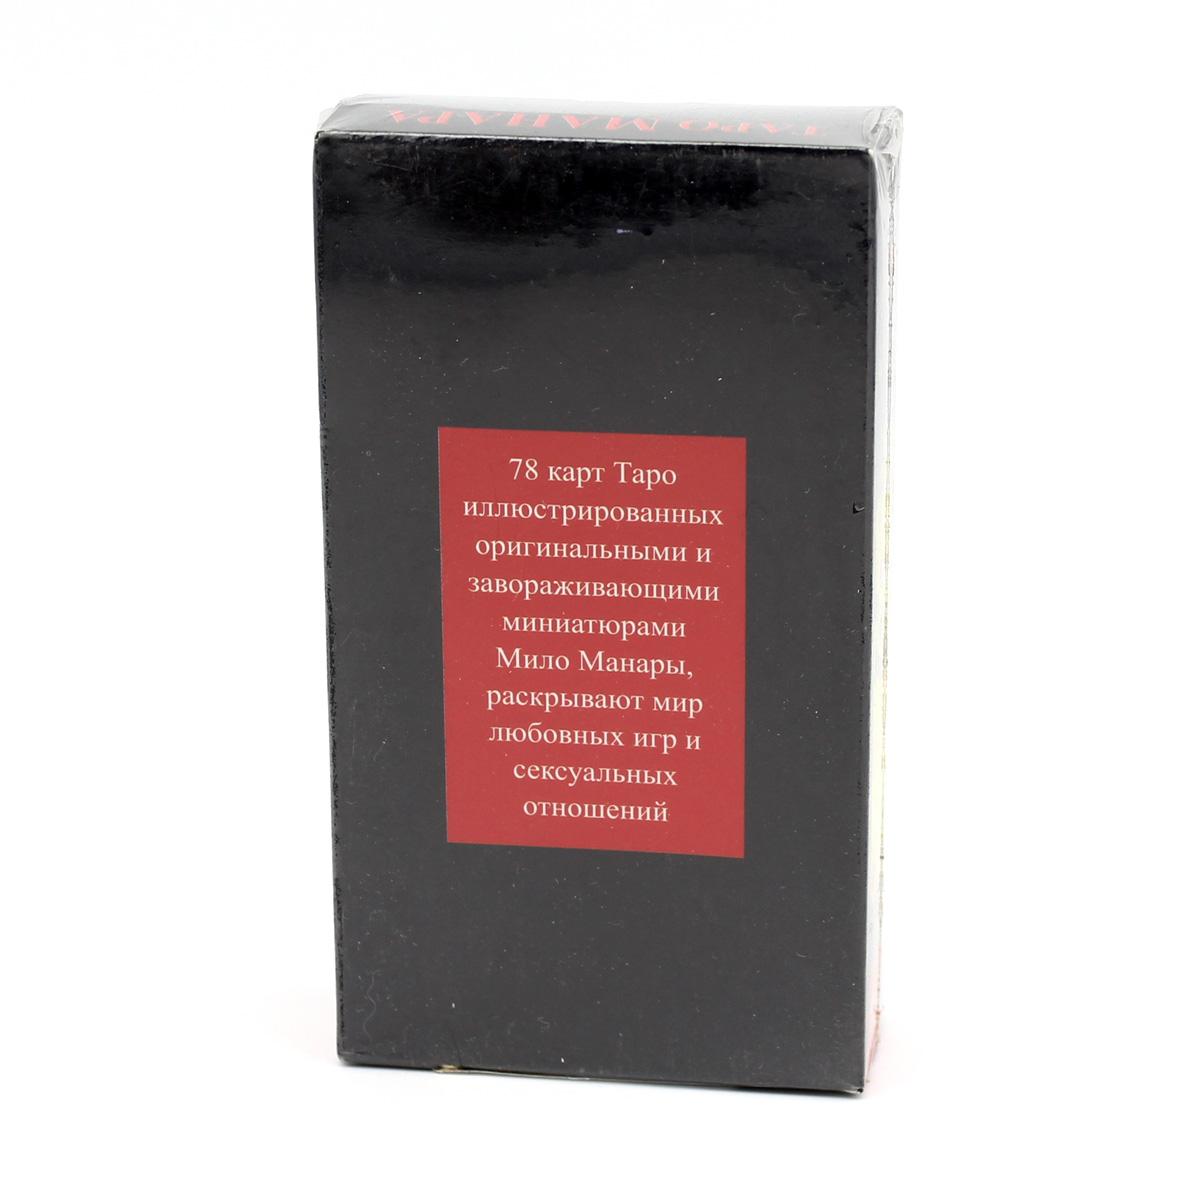 Таро Манара, российско-итальянское издательство Lo Scarabeo, 78 карт, брошюра